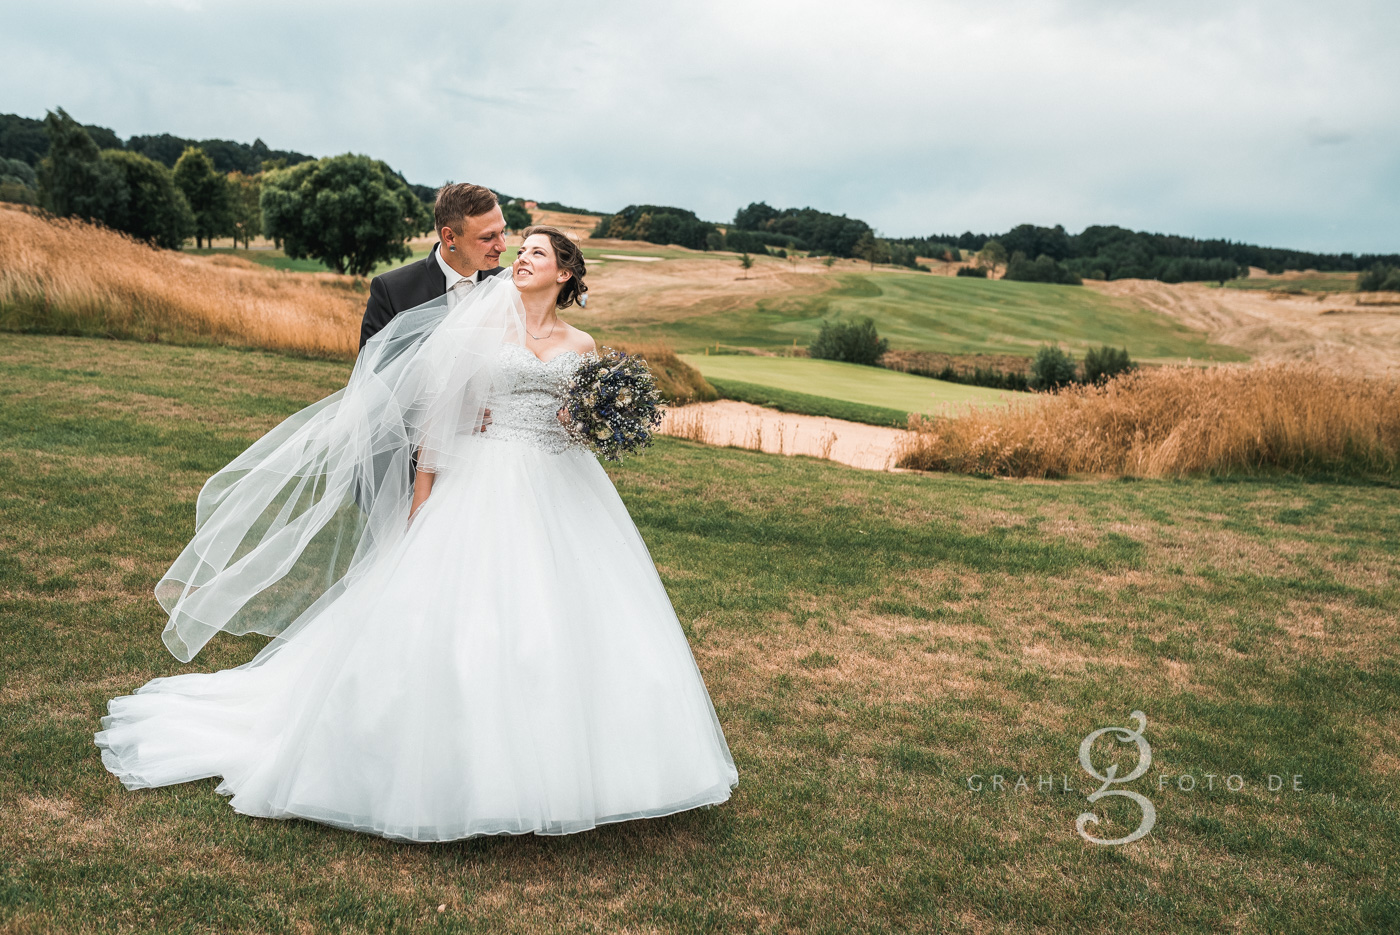 Grahlfoto Hochzeit Golfplatz by Cordula Maria Grahl